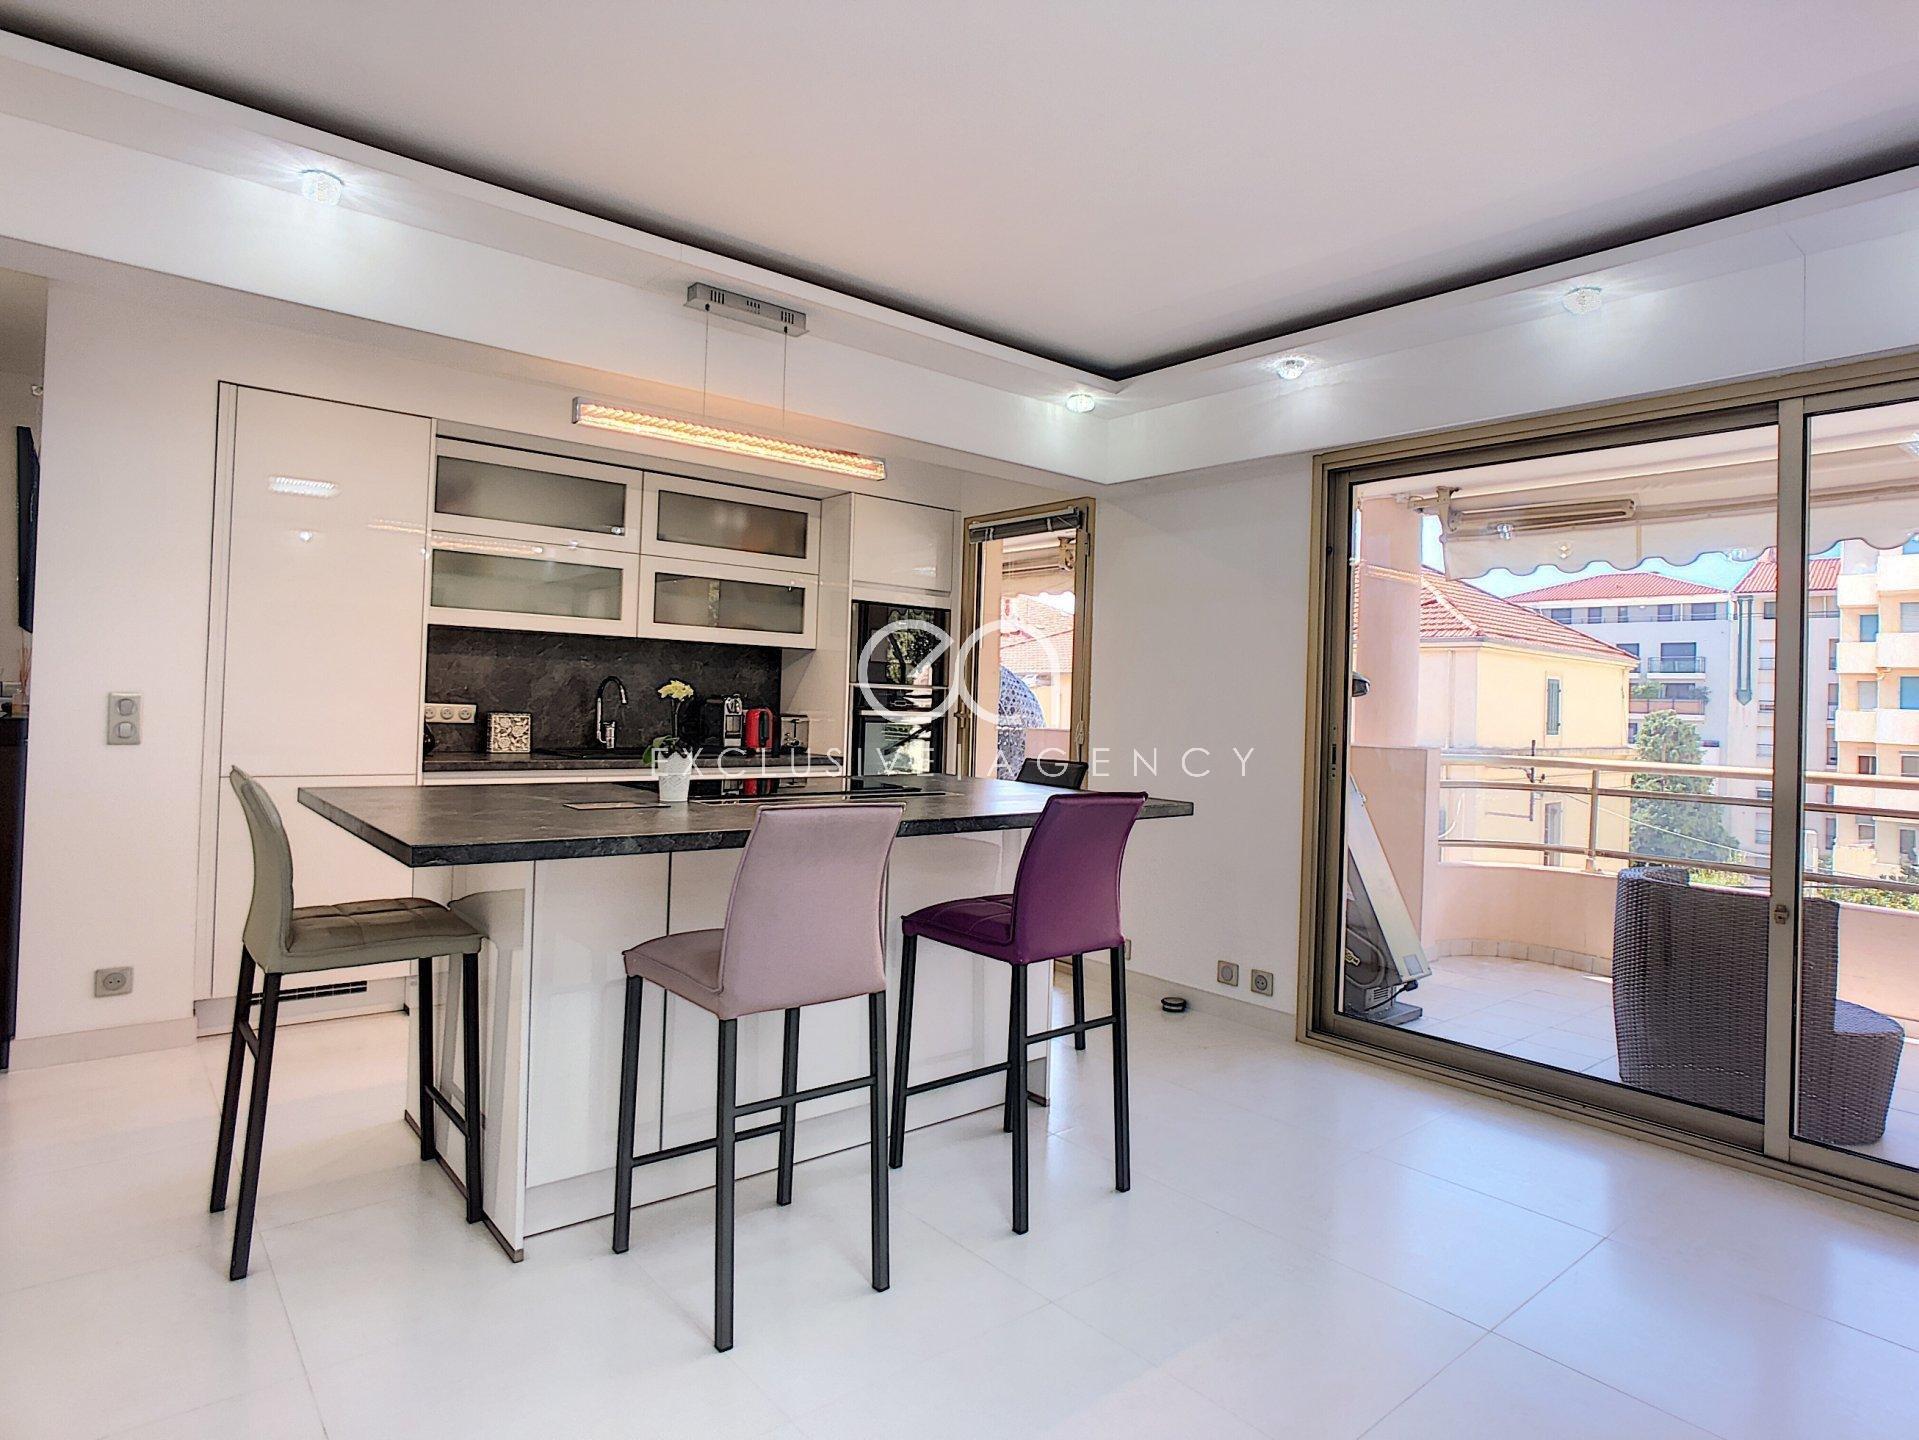 LOCATION A L'ANNÉE Cannes proche centre-ville 2 pieces 50m2 avec terrasse 20m2 et garage